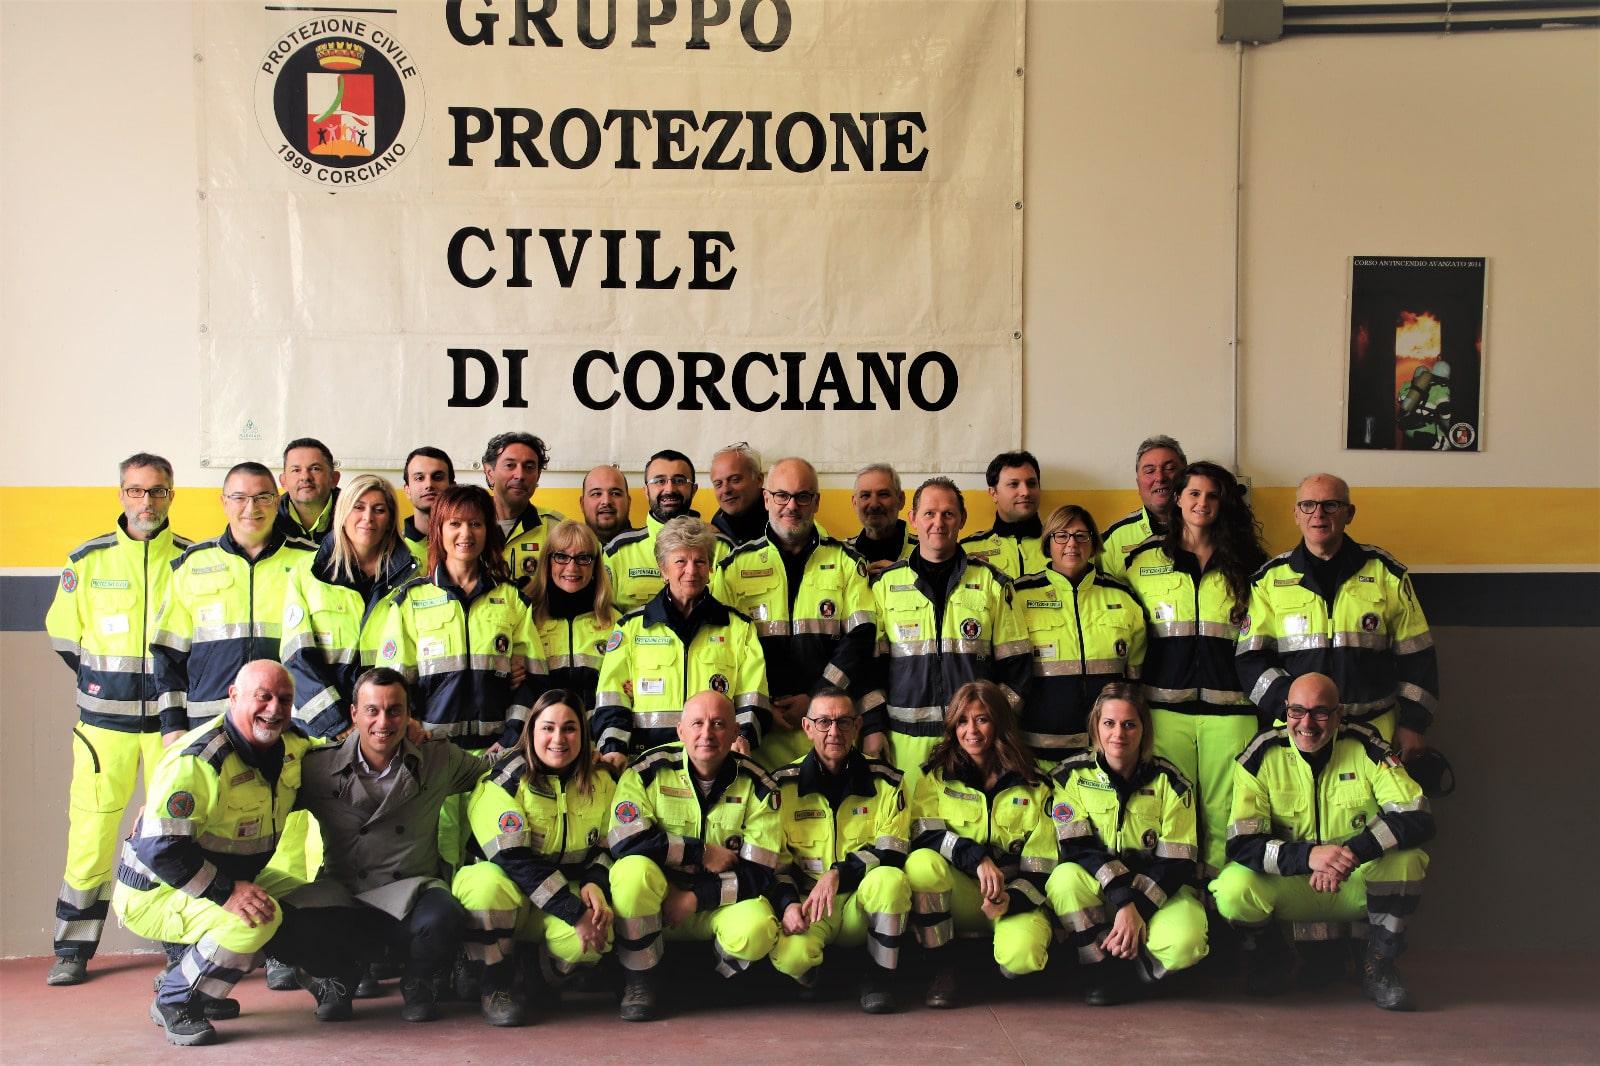 Gruppo di Protezione Civile di Corciano